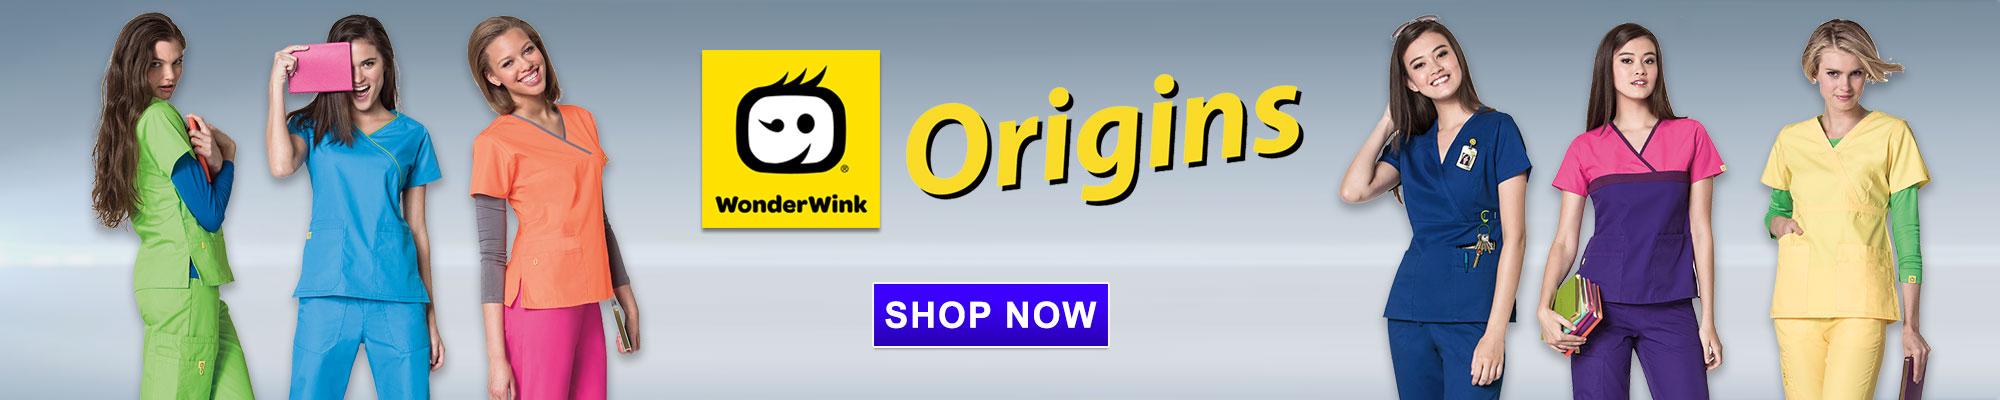 Shop Wonder Wink Origins Scrub apparel